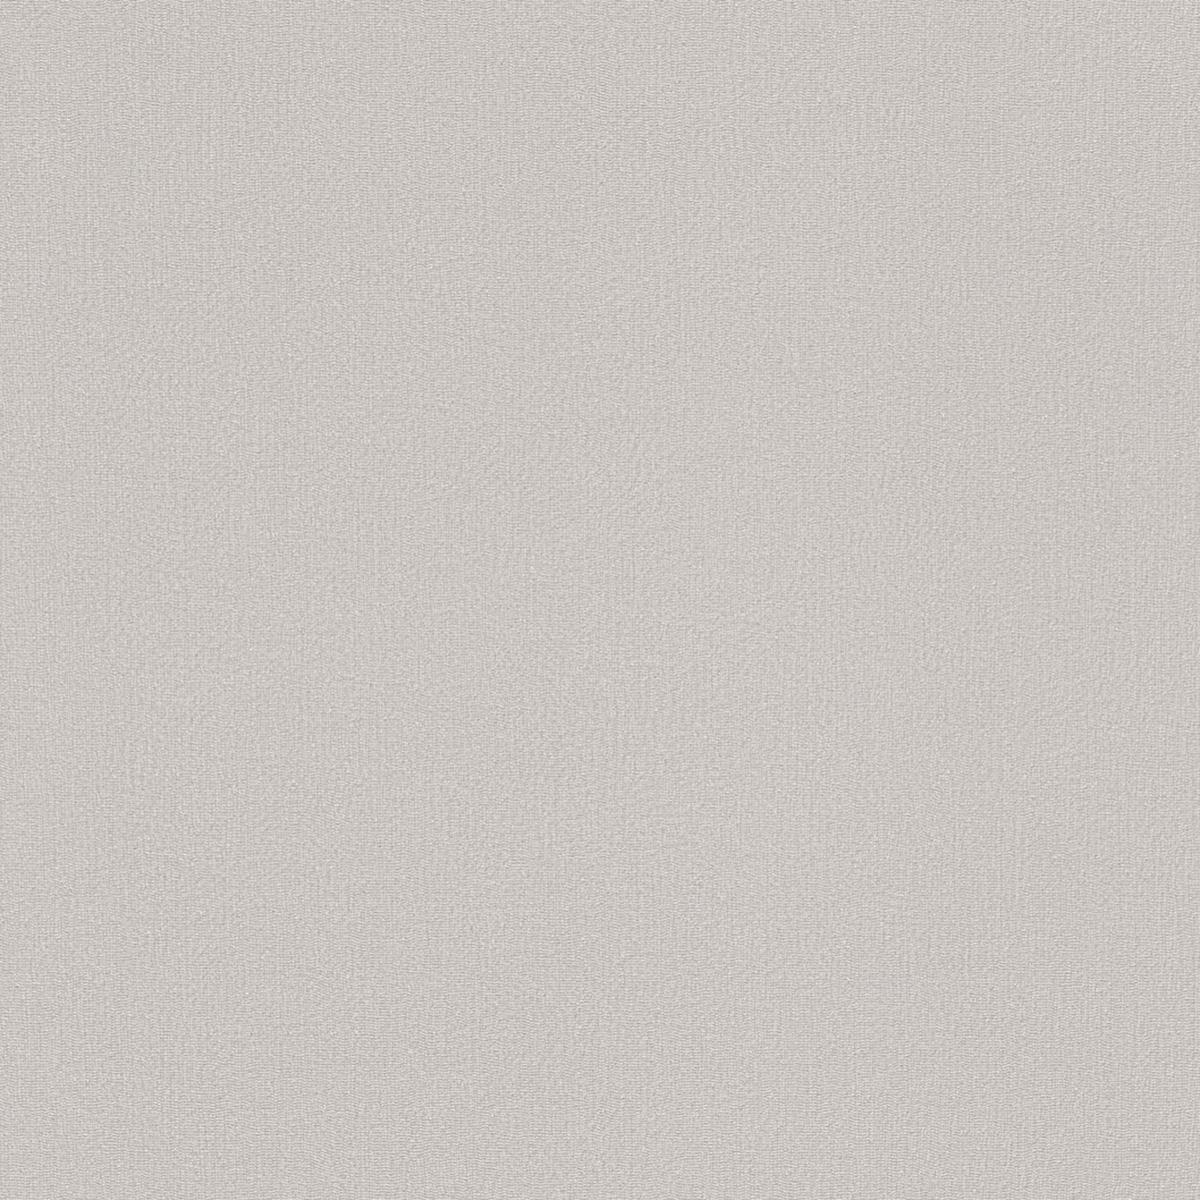 Обои флизелиновые Rasch Seduction серые 0.53 м 796285